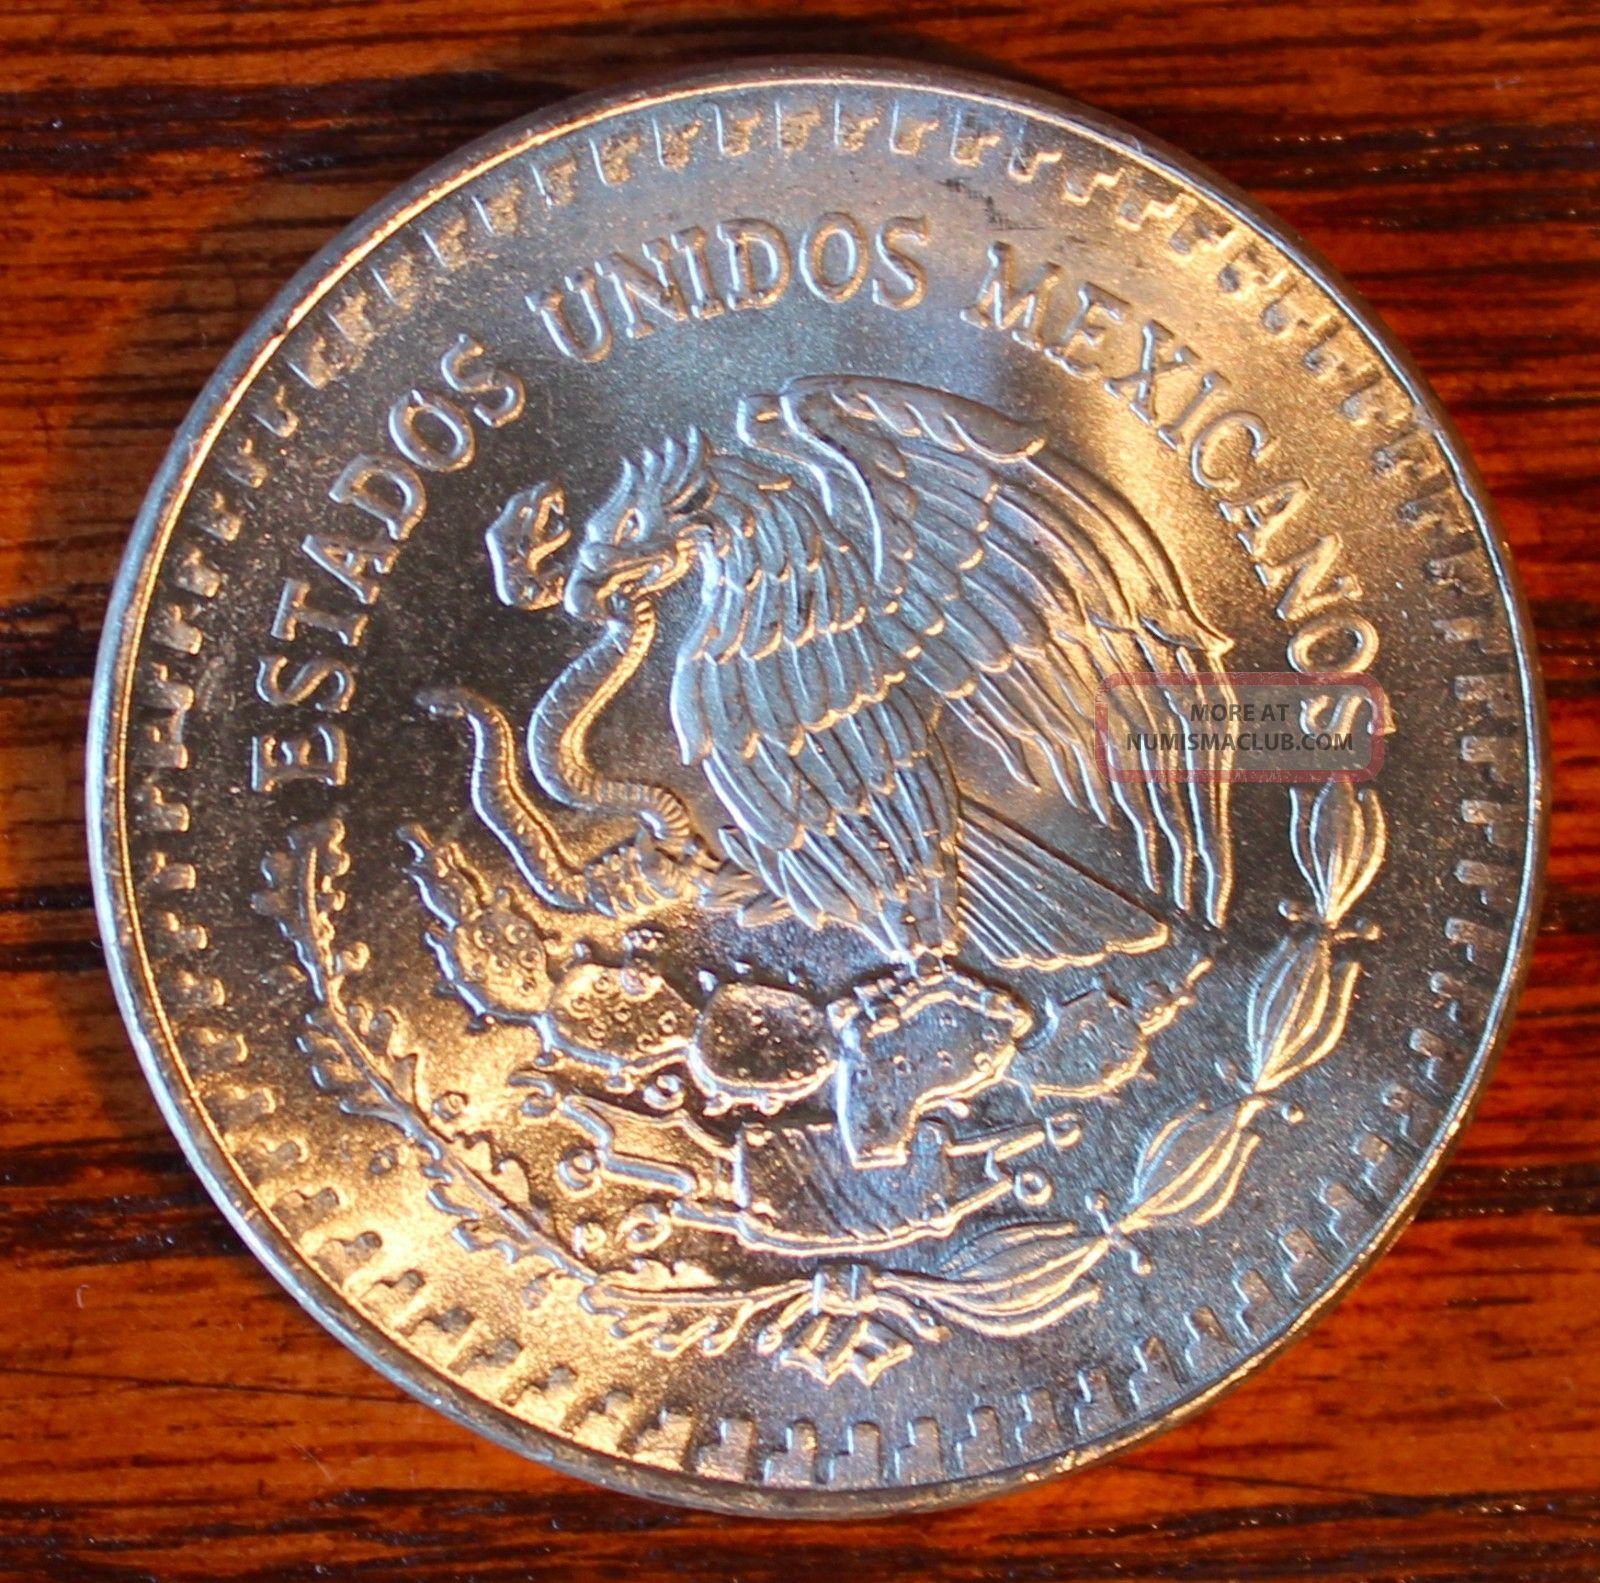 1984 Mexico 1 Ounce Plata Pura 999 Silver Libertad